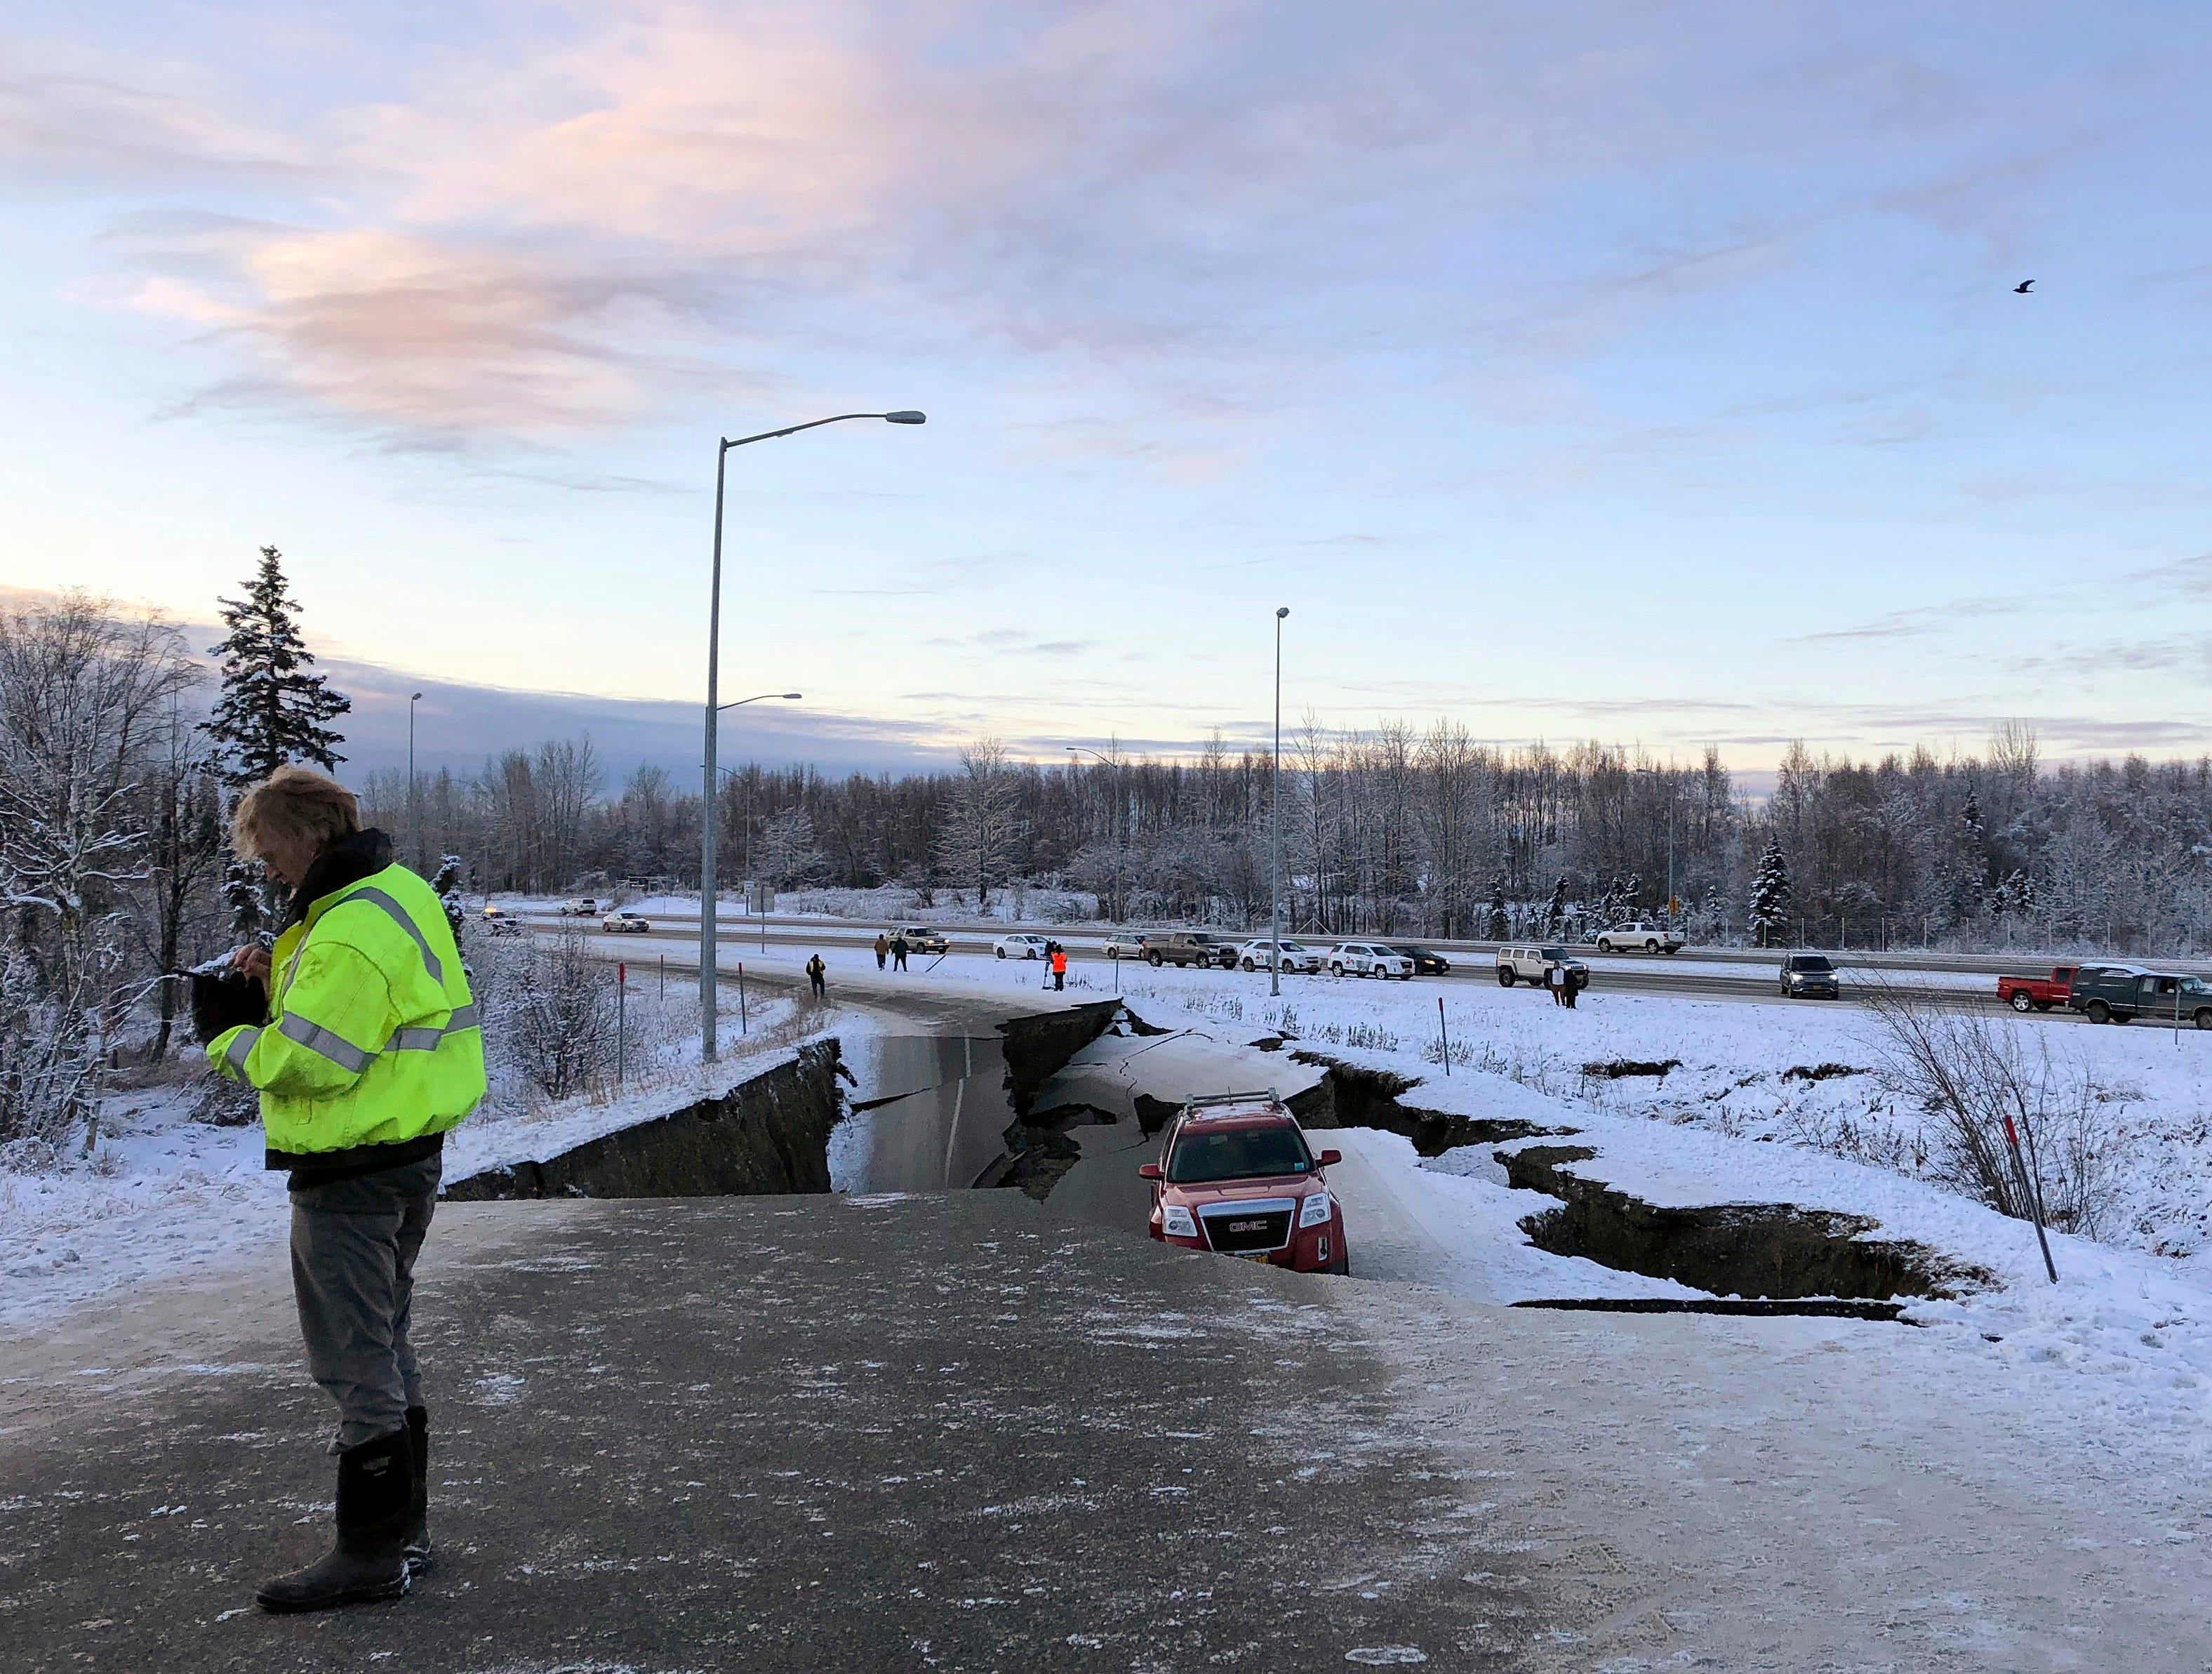 Un automóvil está atrapado en una sección colapsada de la rampa de salida de Minnesota Drive en Anchorage, el viernes 30 de noviembre de 2018. Los edificios y carreteras colapsadas el viernes por la mañana en Anchorage, por los terremotos consecutivos de 7.0 y 5.8, incitan a la gente a huir o buscar refugio debajo de los escritorios de sus oficinas , mientras que una alerta de tsunami hizo que algunos buscarán un lugar más alto.